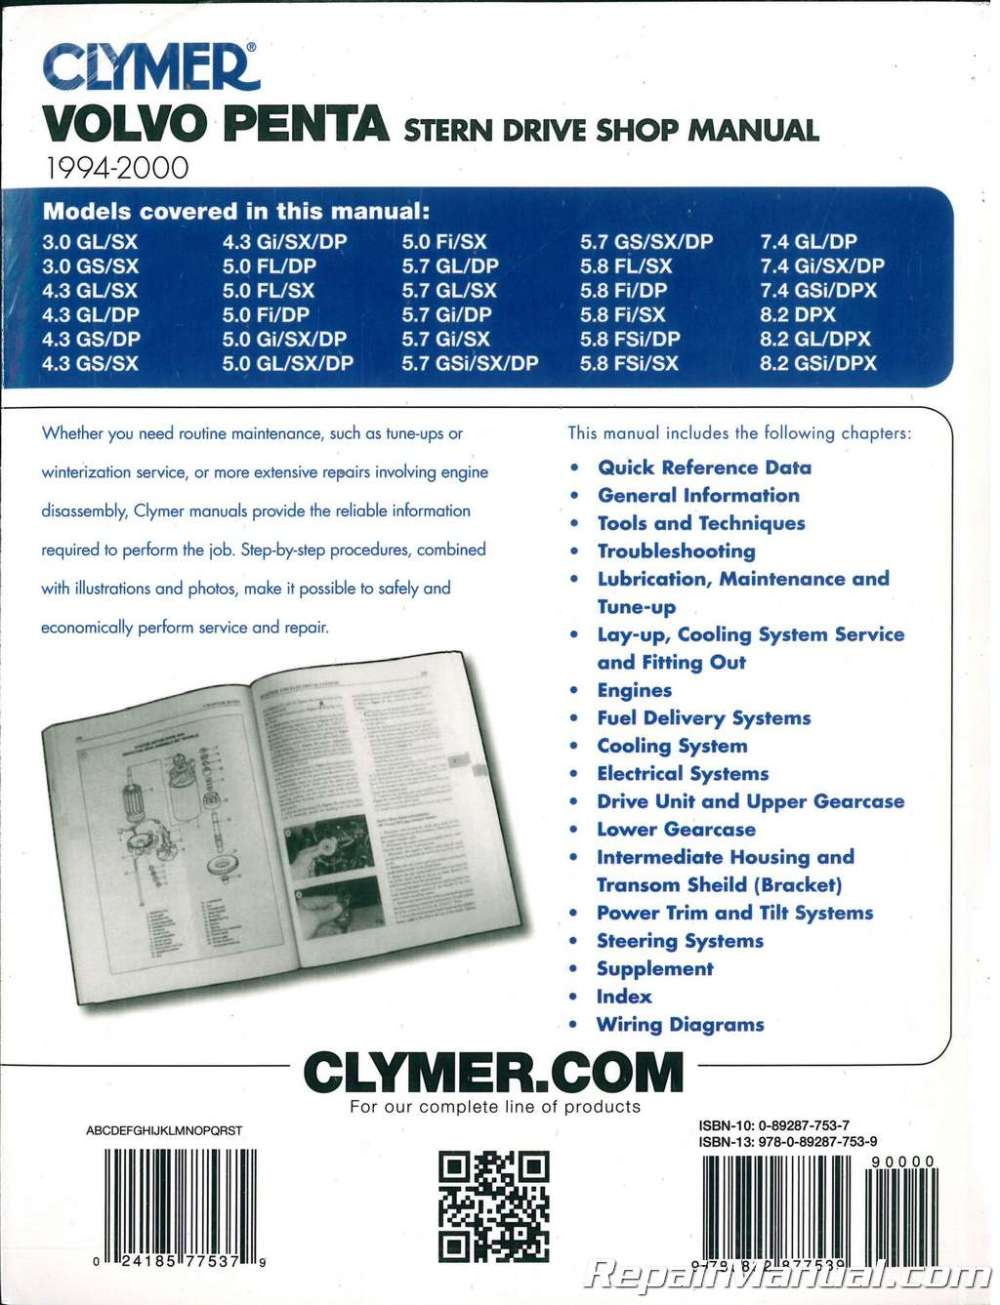 medium resolution of clymer 1994 2000 volvo penta